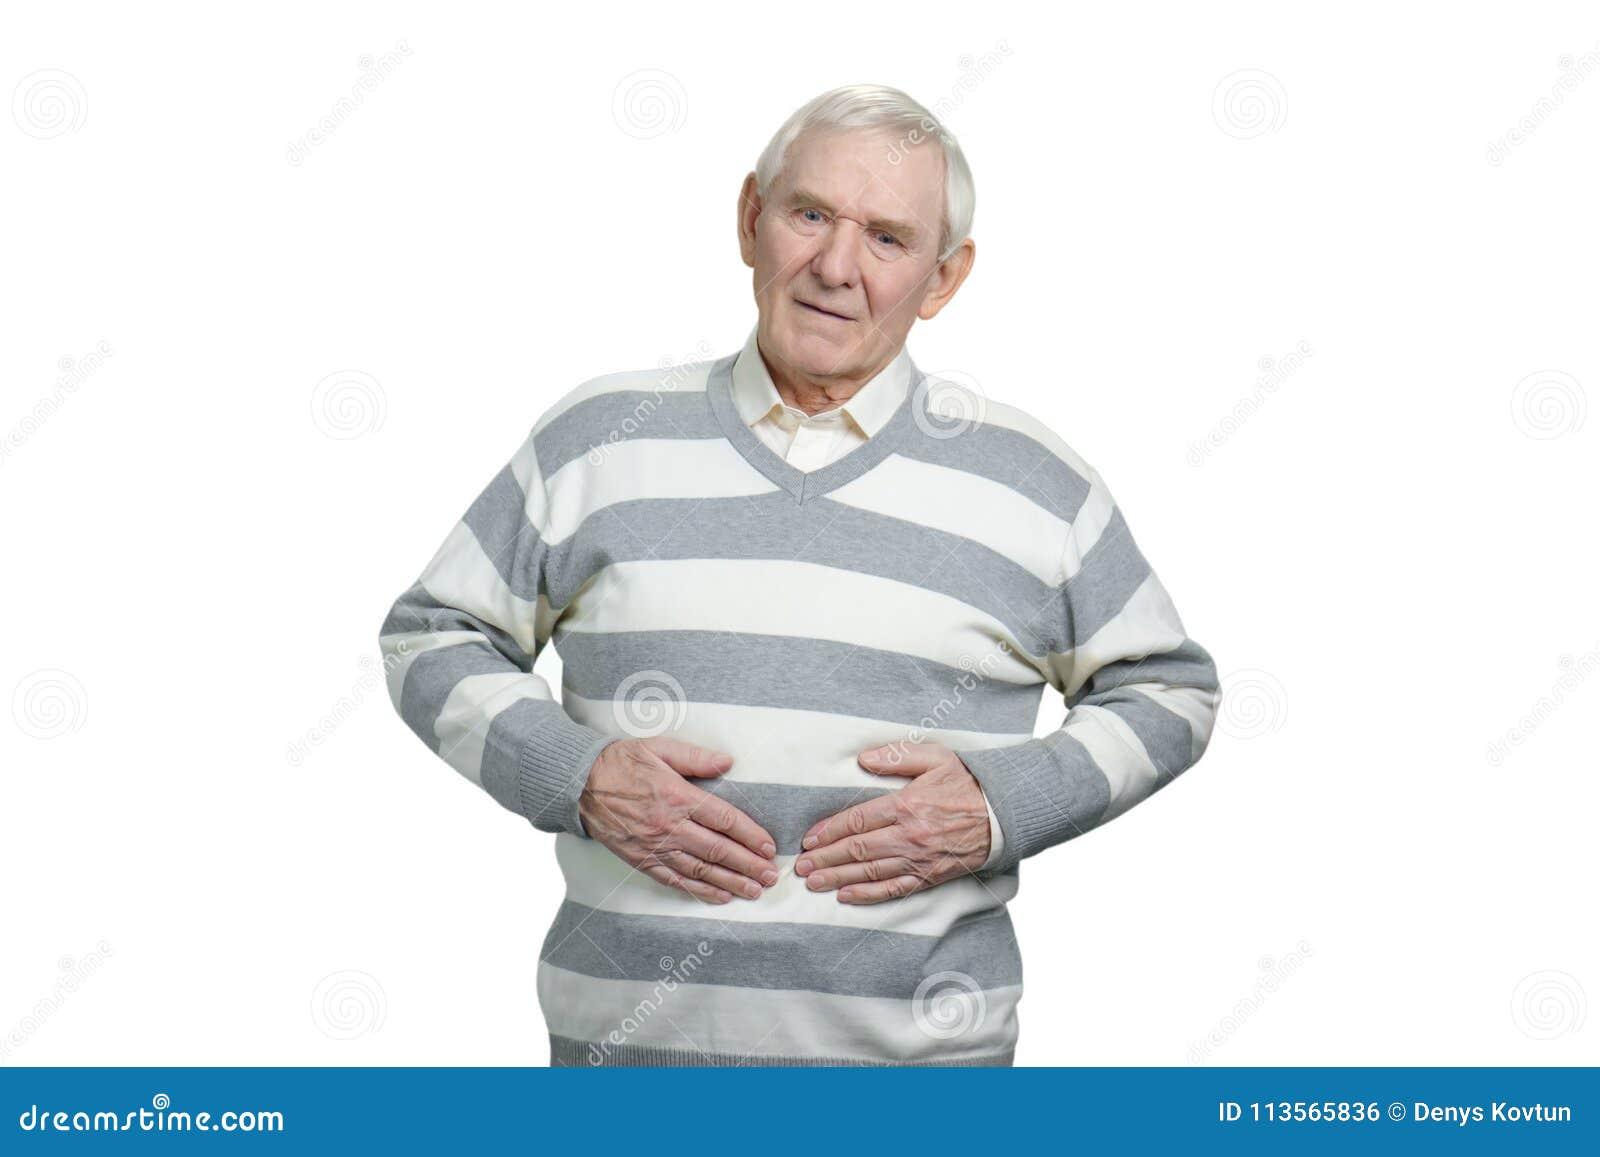 Uomo invecchiato con mal di stomaco